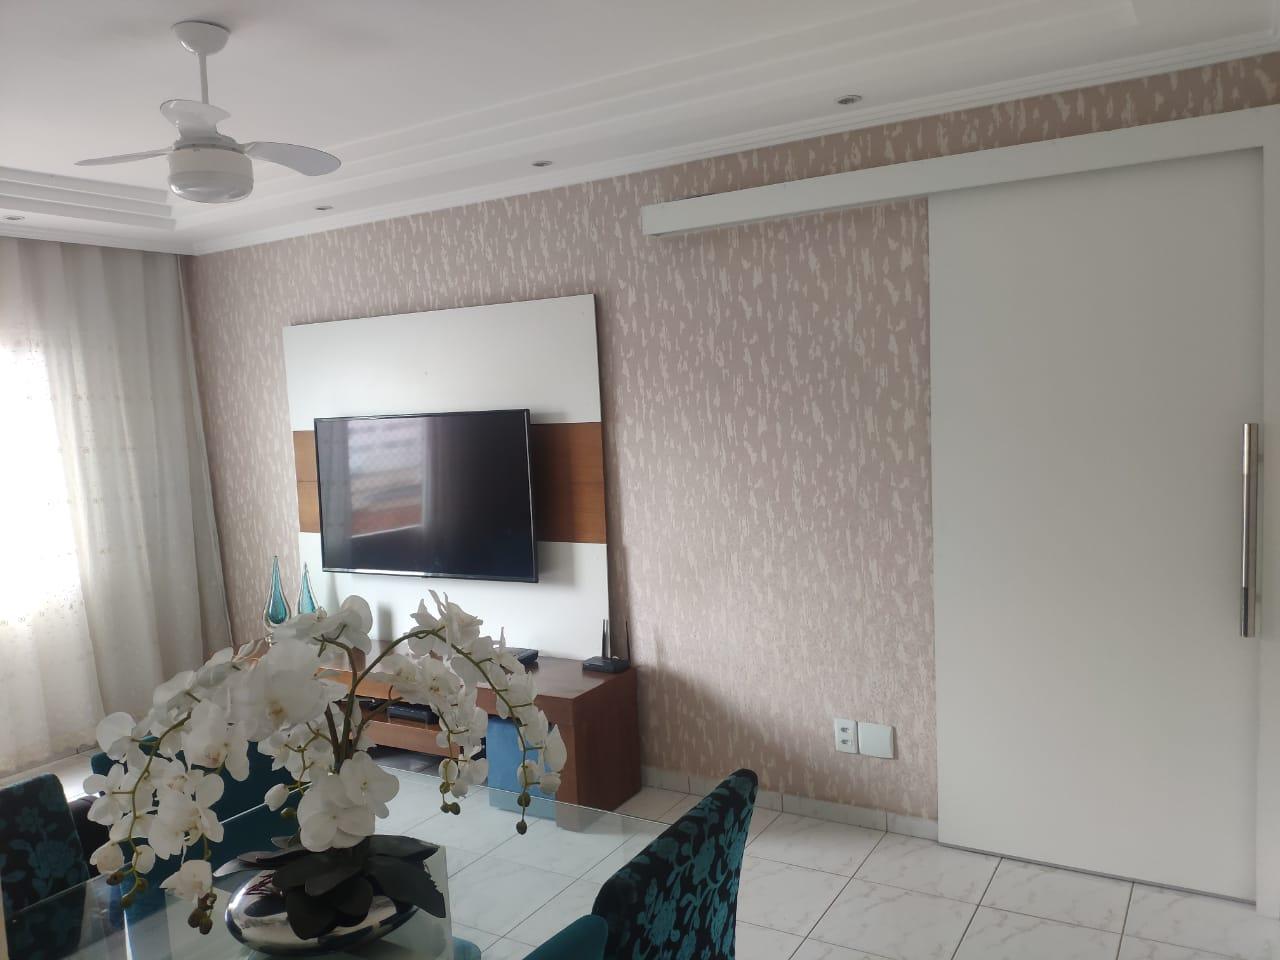 Apartamento 3 dormitórios bem arejado, iluminado, todo reformado, com piso frio e papel de parede,garagem fechada. - foto 8